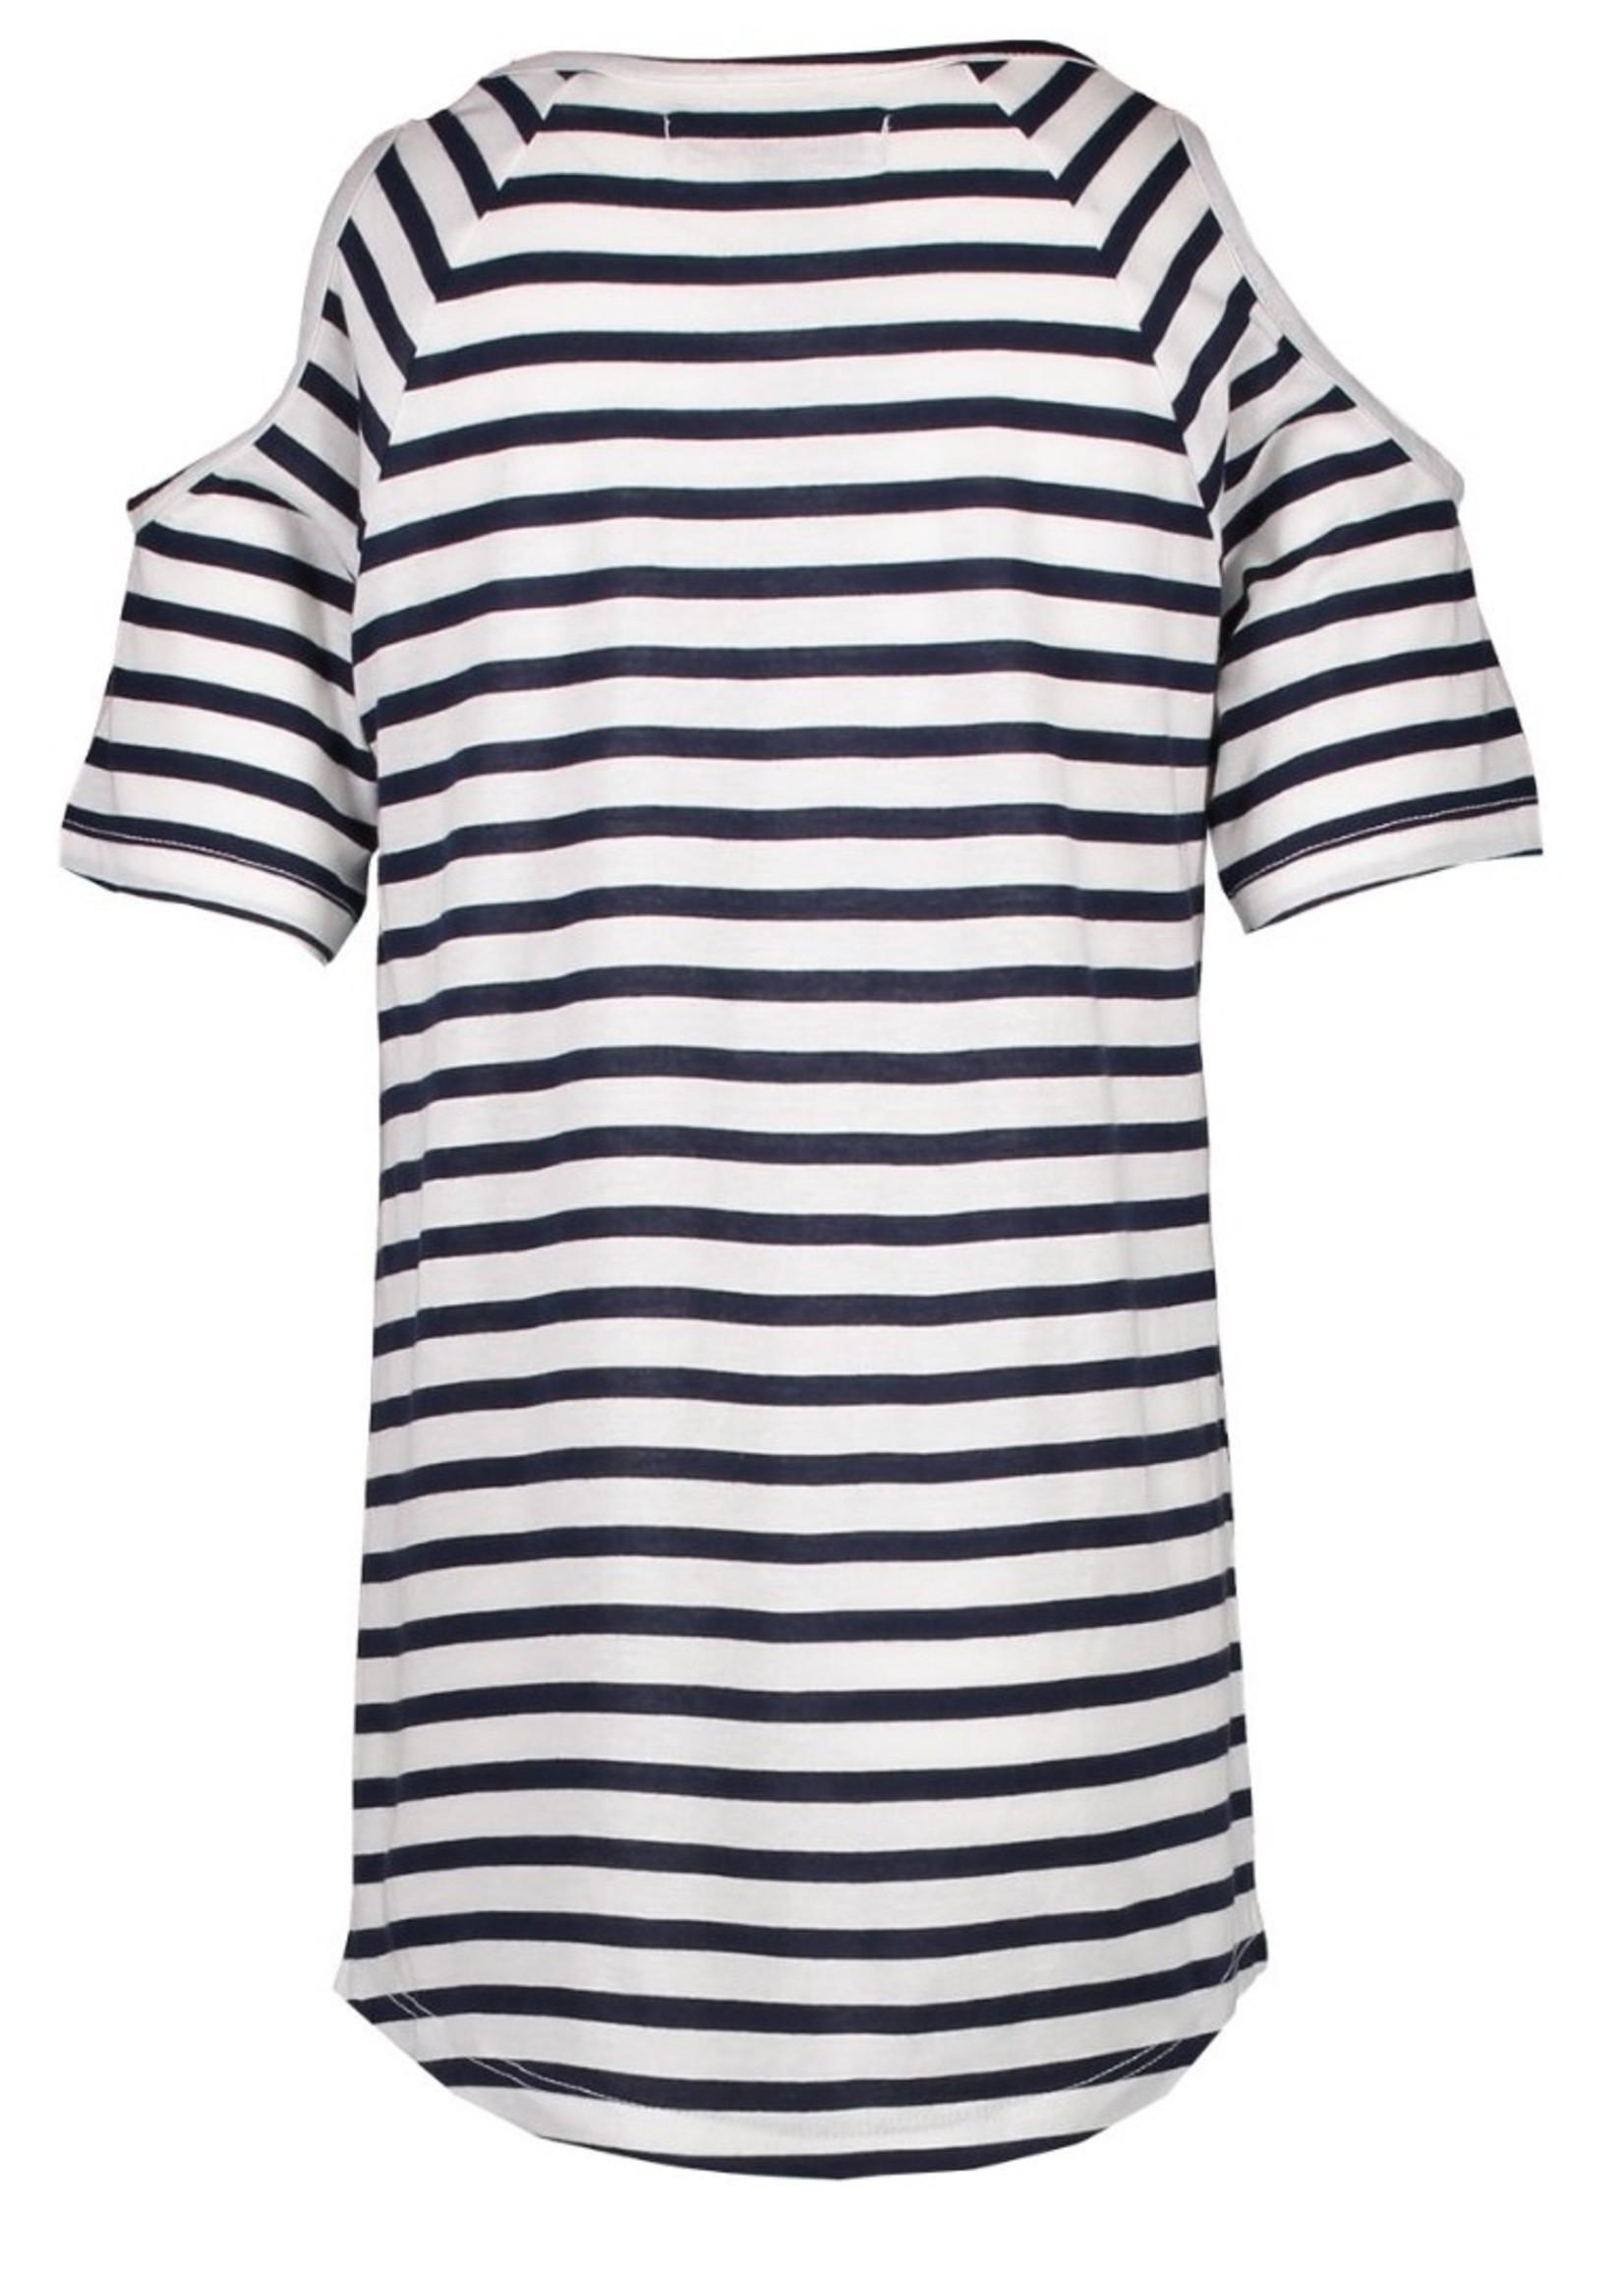 Cars T-shirt maat 116